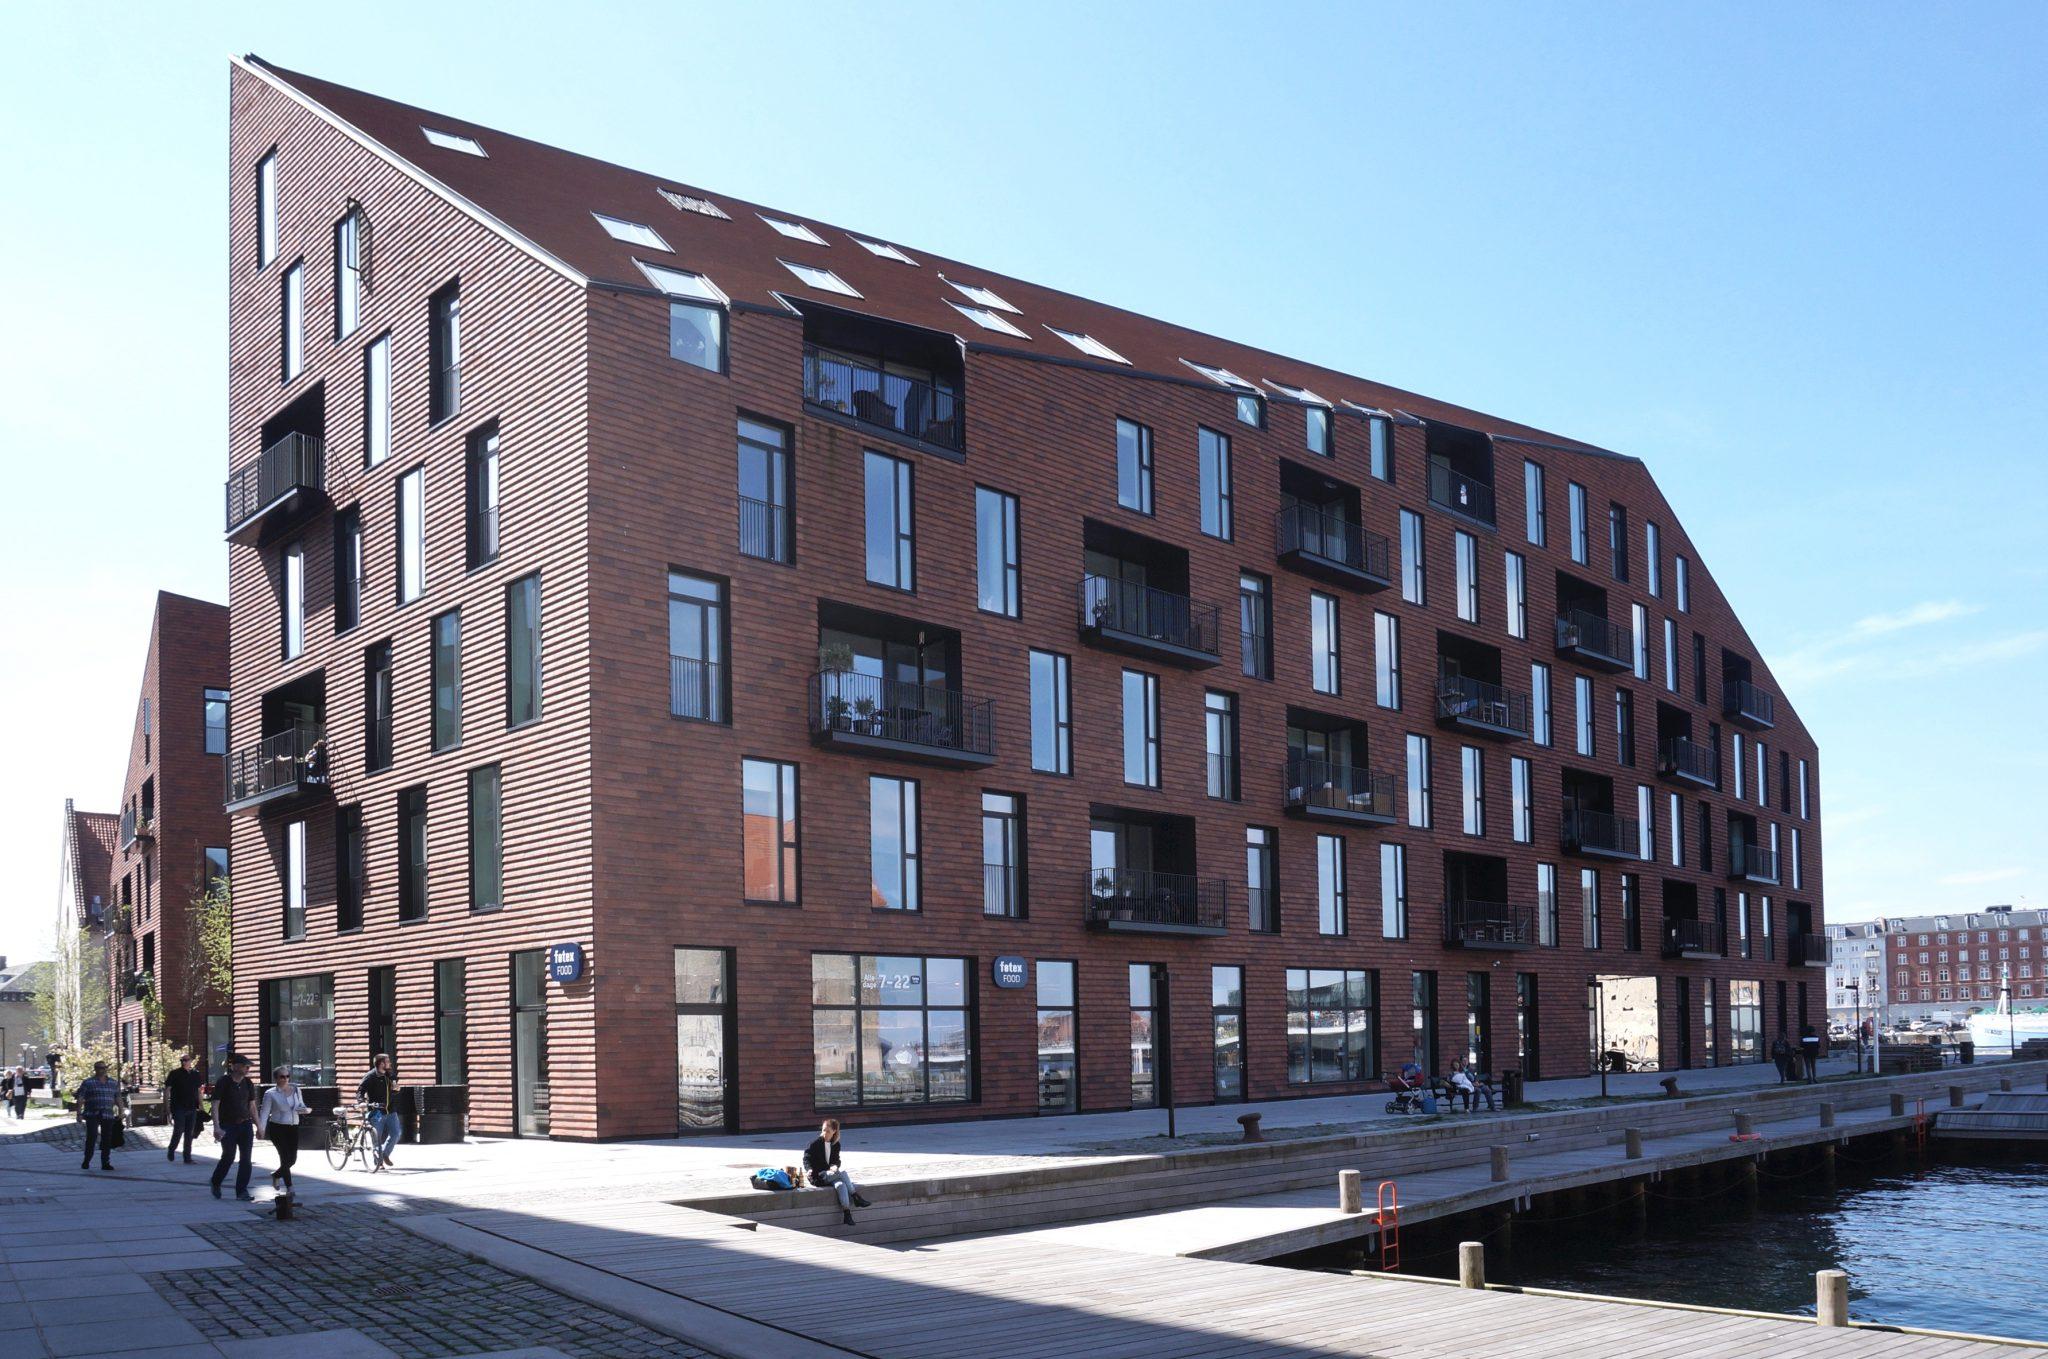 DSC04261 - Kopenhaga - Architour